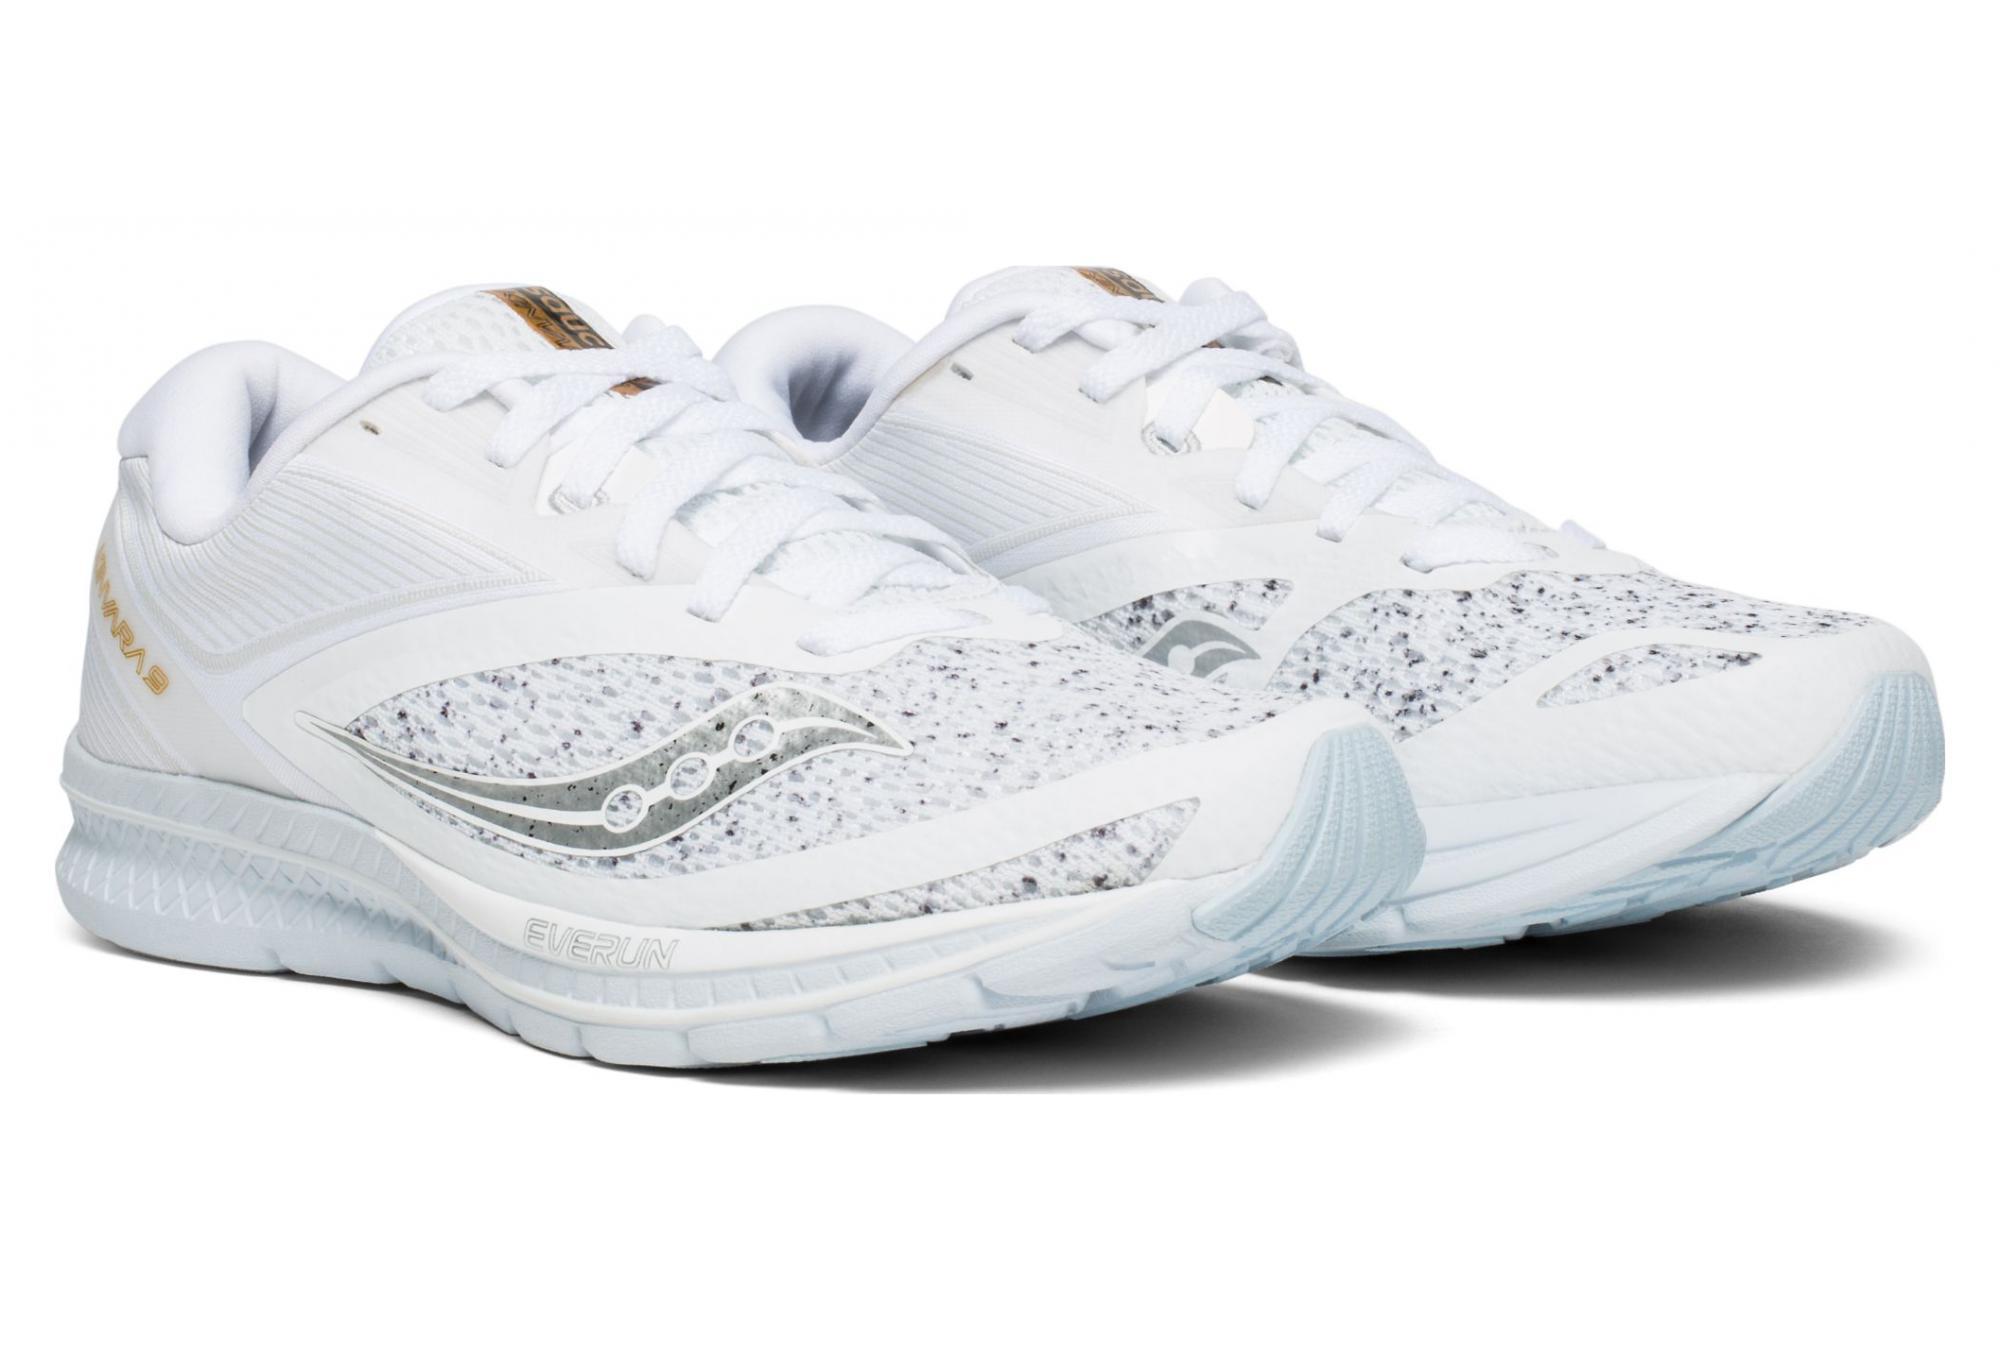 ce9d3fd0 Saucony Kinvara 9 Women's Shoes White Noise